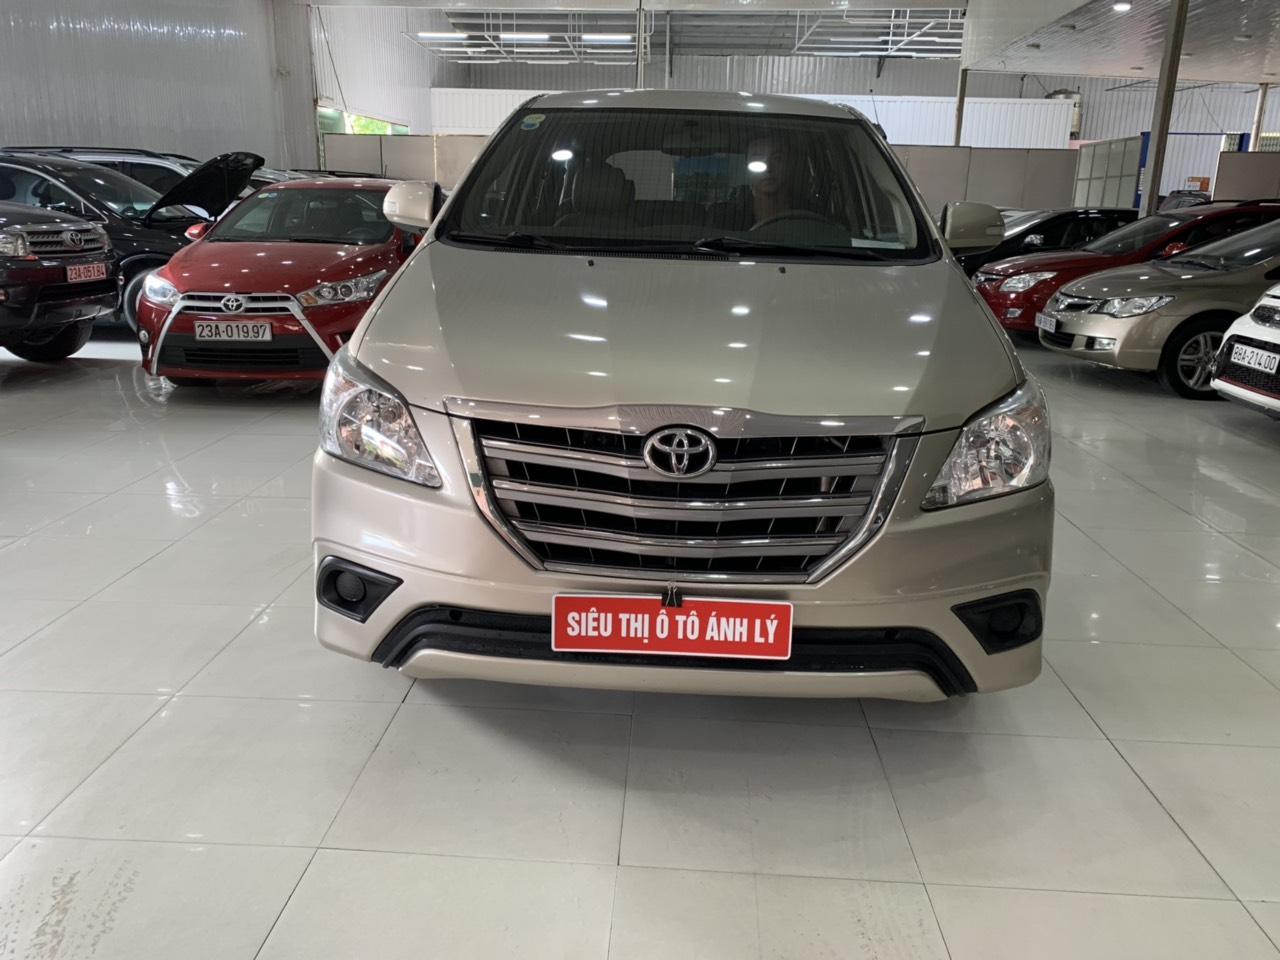 Bán ô tô Toyota năm sản xuất 2015, số sàn